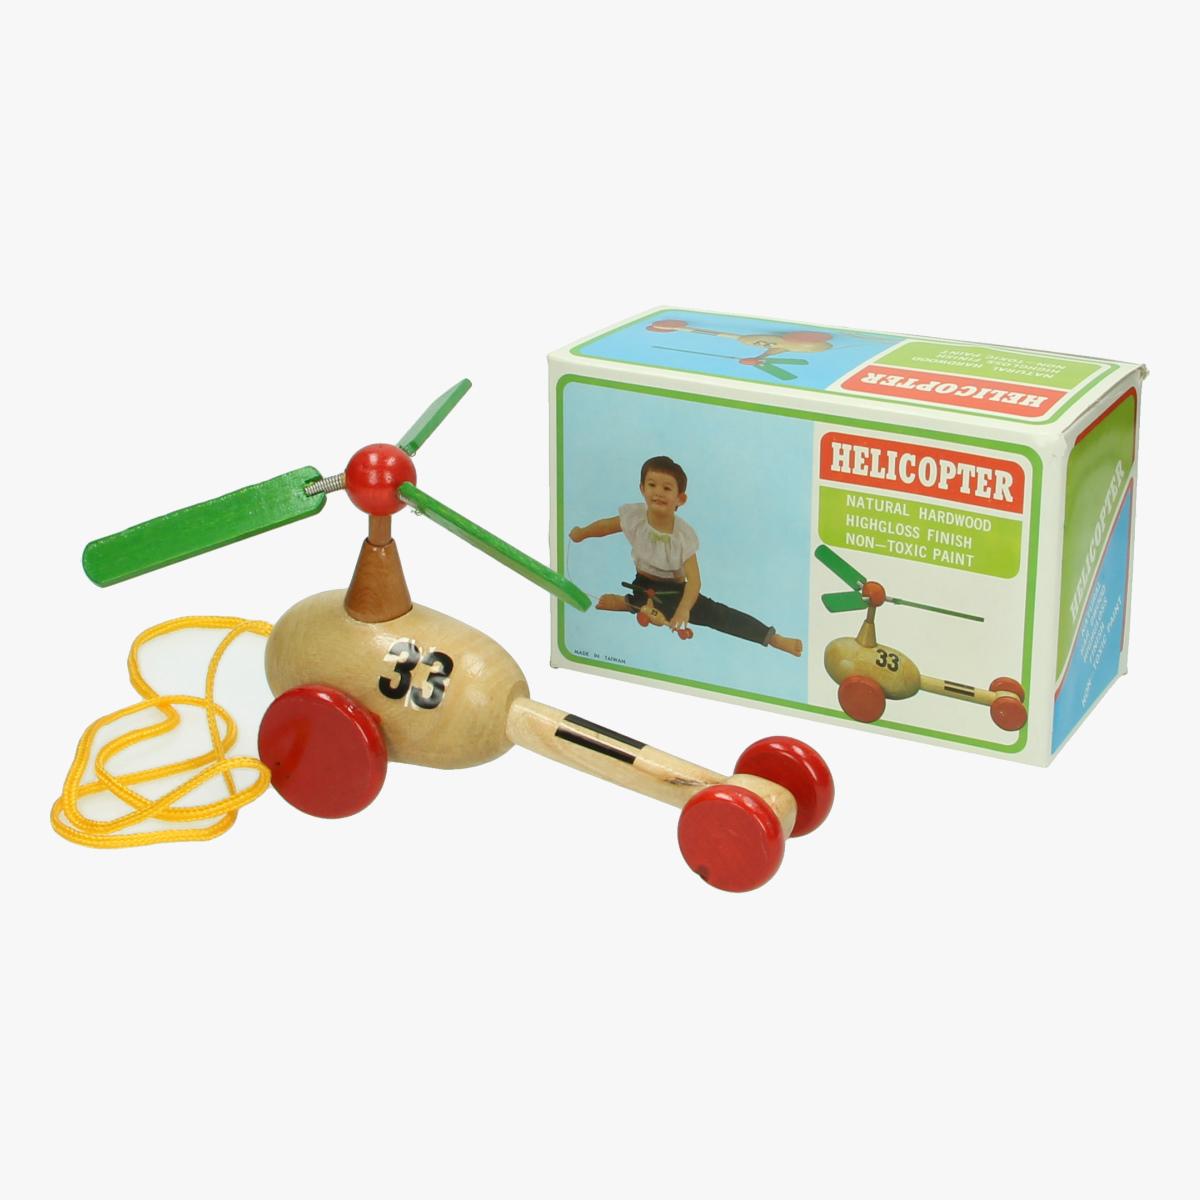 Afbeeldingen van Helicopter. Houten speelgoed.